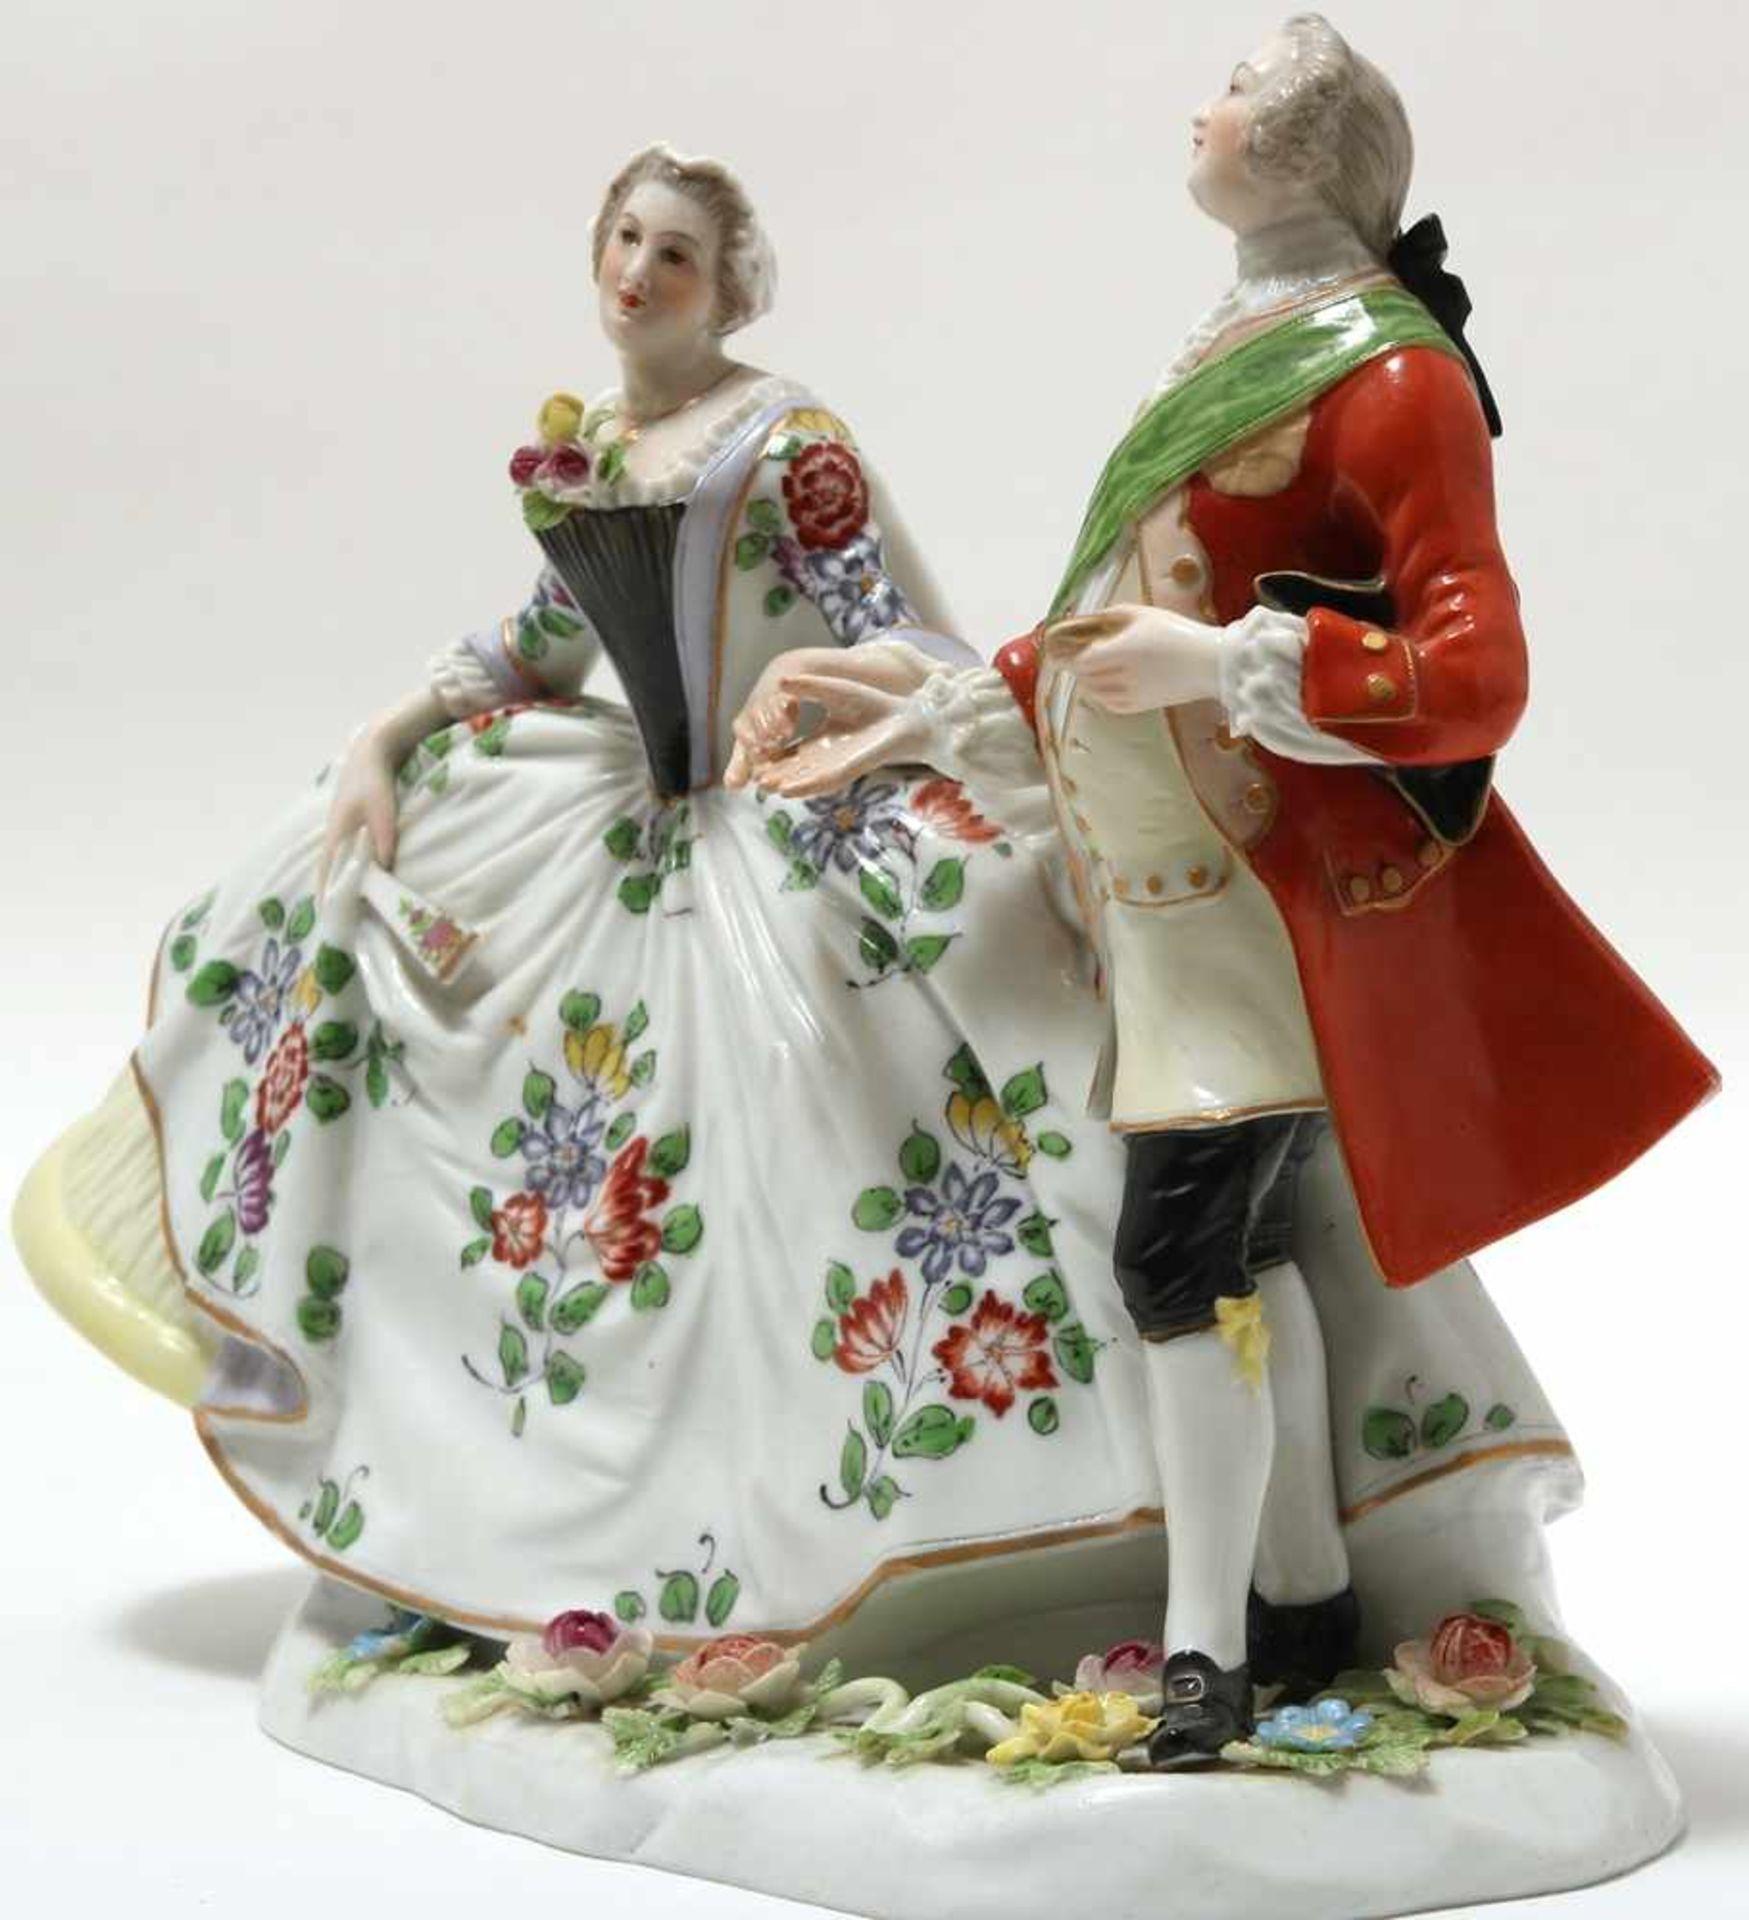 FigurengruppeFrankenthal 18. Jh. Kavalier mit Dame im Krinolinenrock. Porzellan mit aufbossierten - Bild 3 aus 10